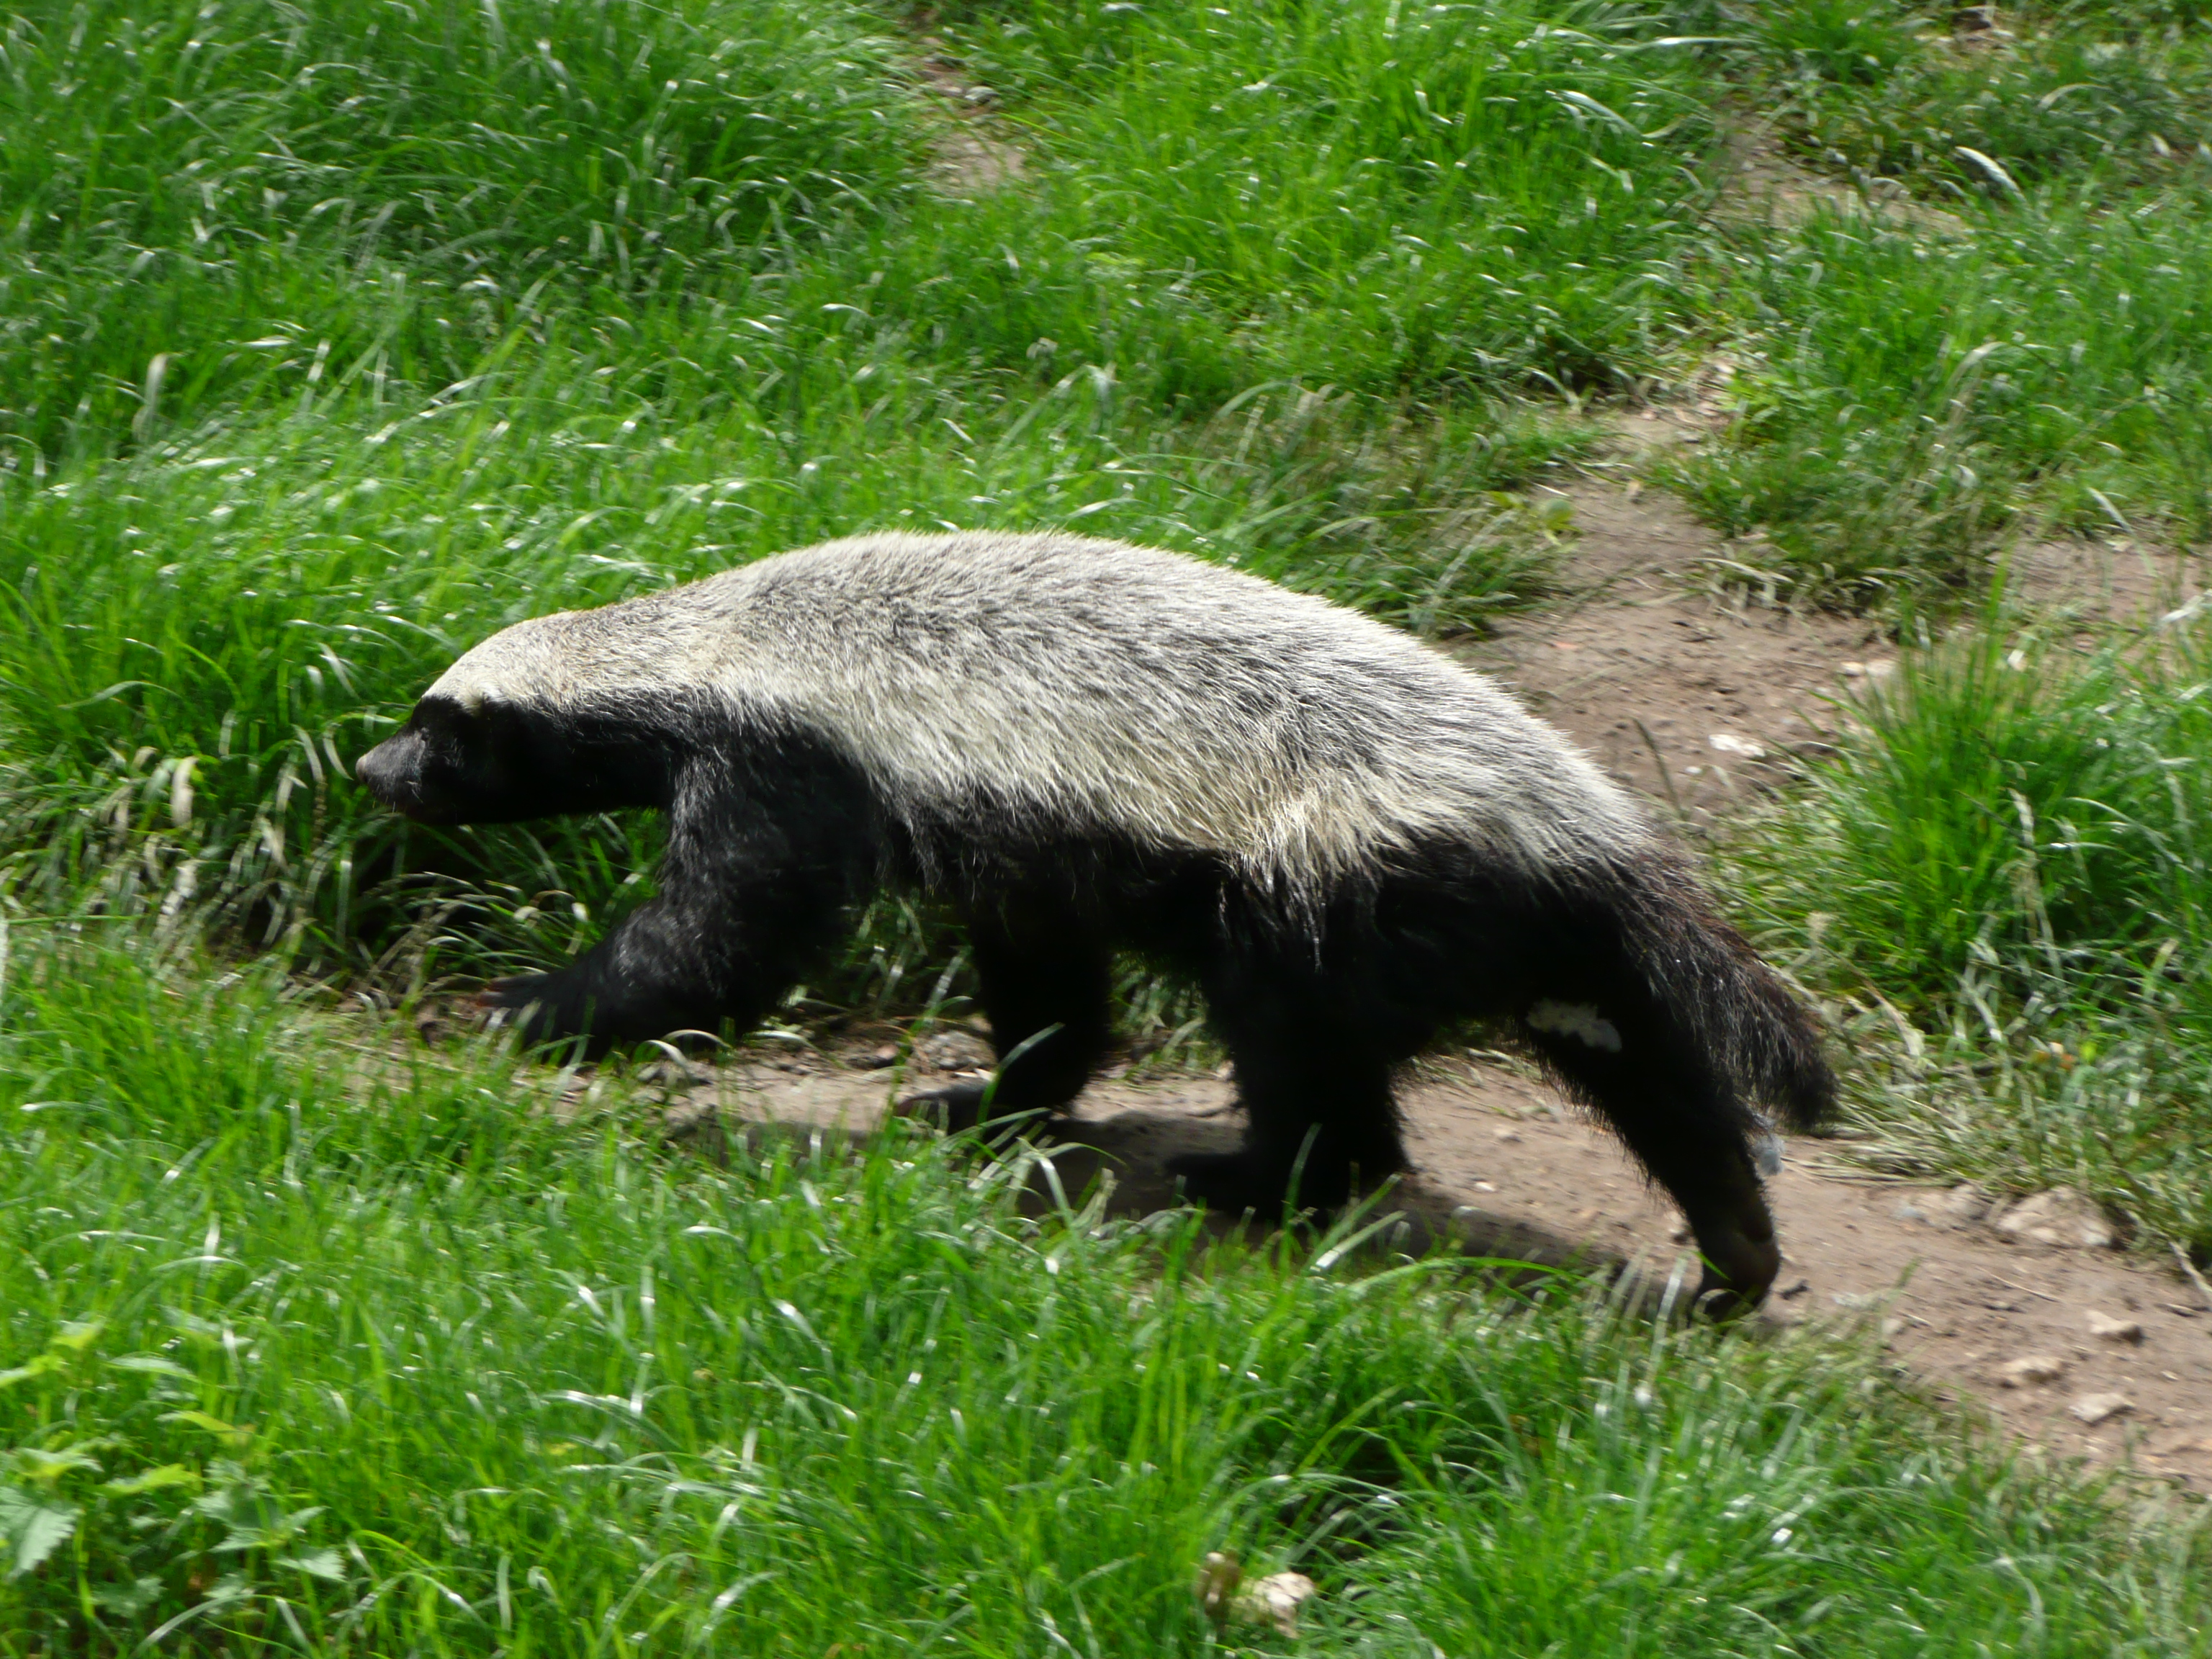 Honey badger - Wikipedia